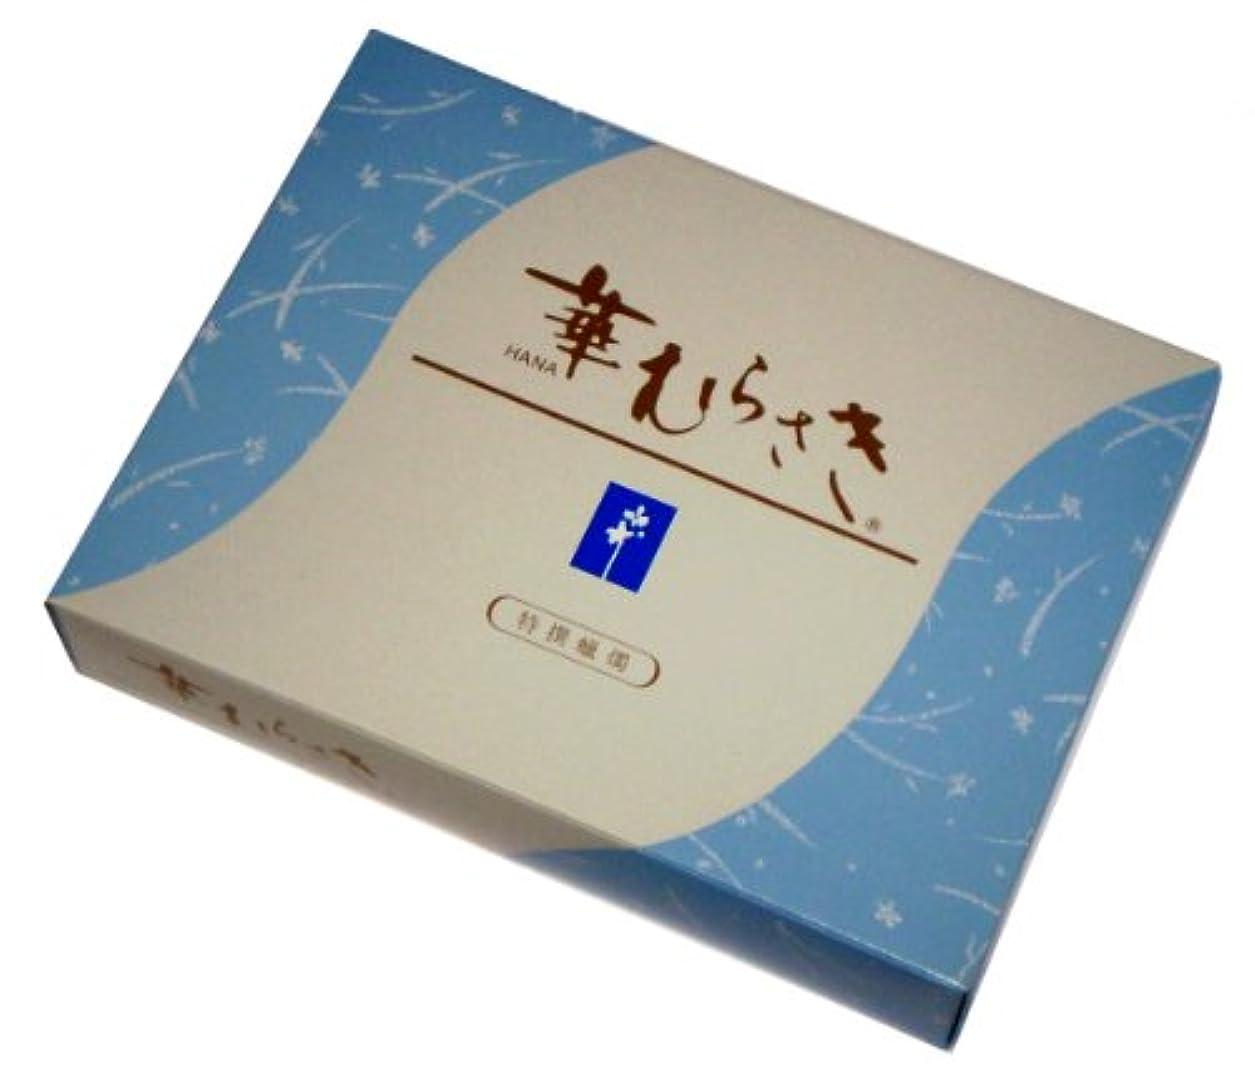 フォーム考古学的な泥東海製蝋のろうそく 花びらローソク 華むらさき 4号 大箱